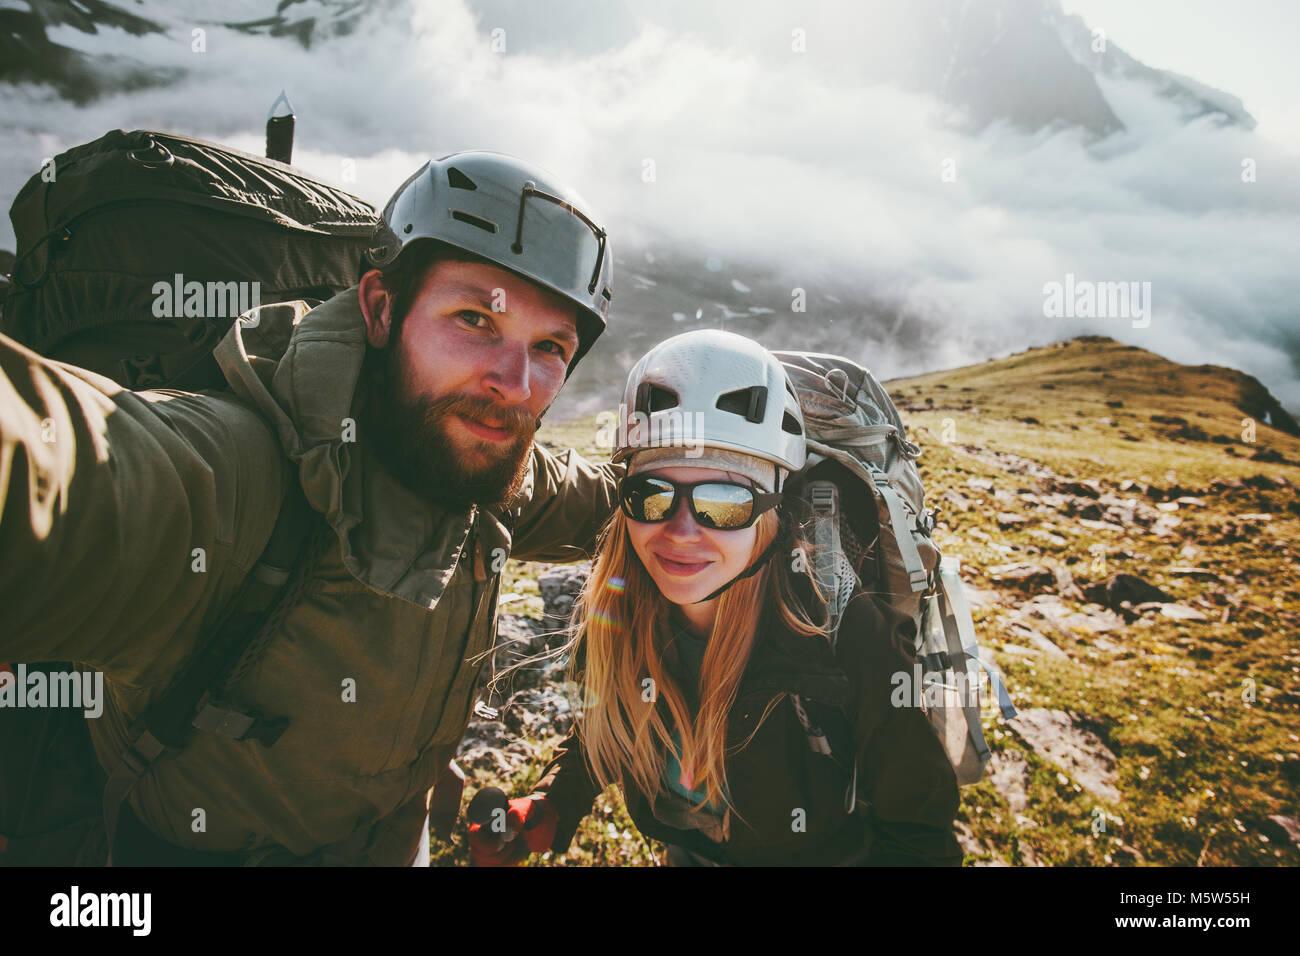 Paar reisen selfie Mann und Frau Wandern in den Bergen Liebe und Abenteuer Lifestyle Fernweh Konzept Stockbild